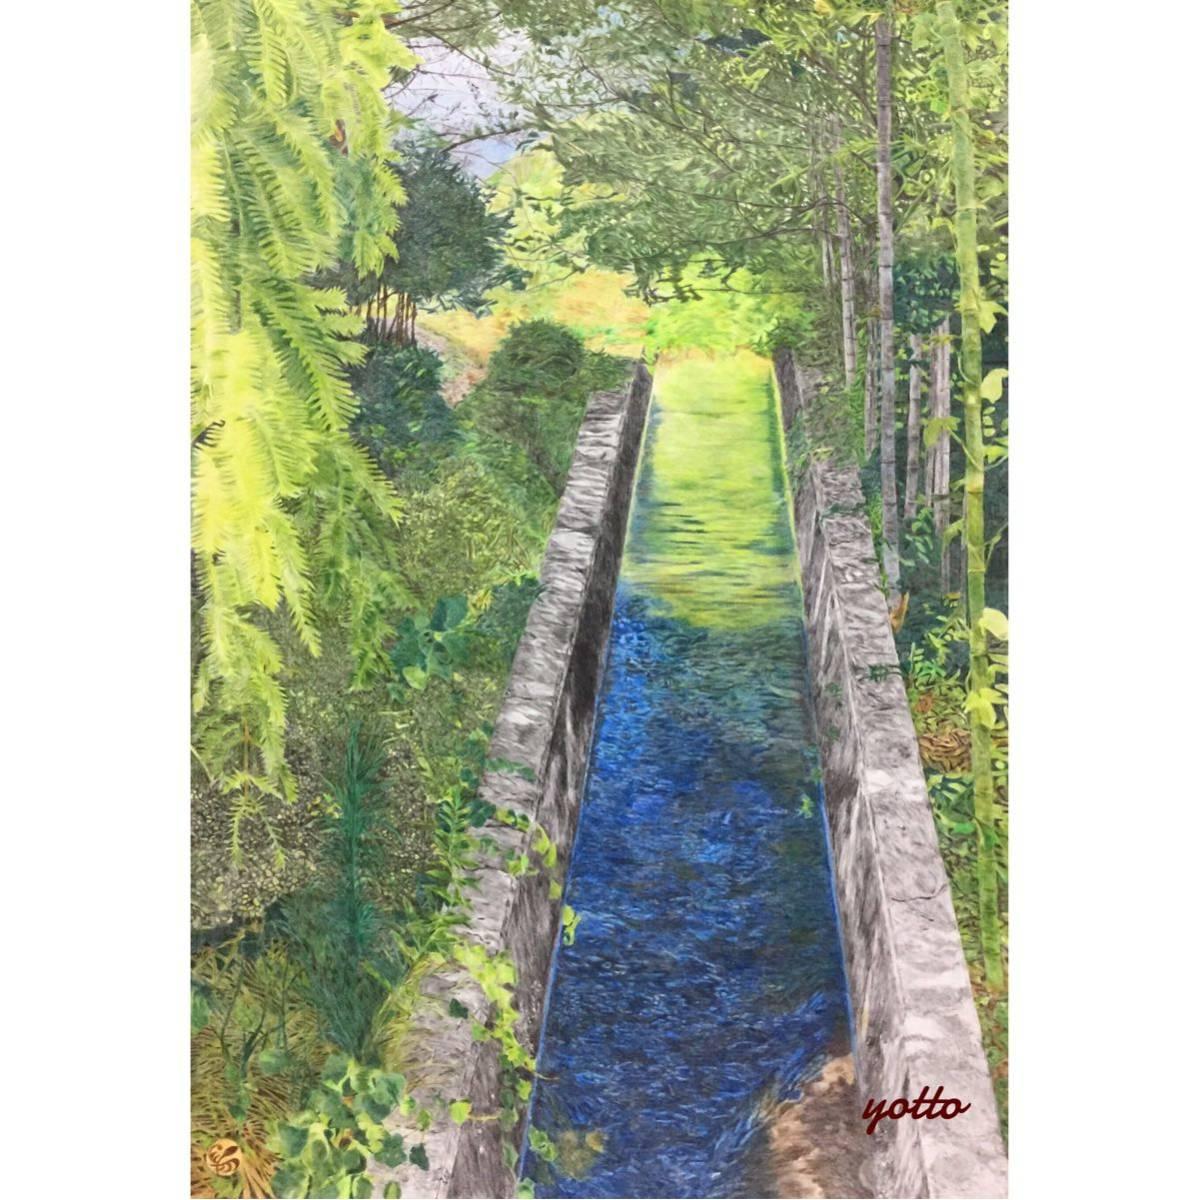 色鉛筆画「 響 」A2・額付き◇◆手描き◇原画◆風景画◇◆yotto_画像1